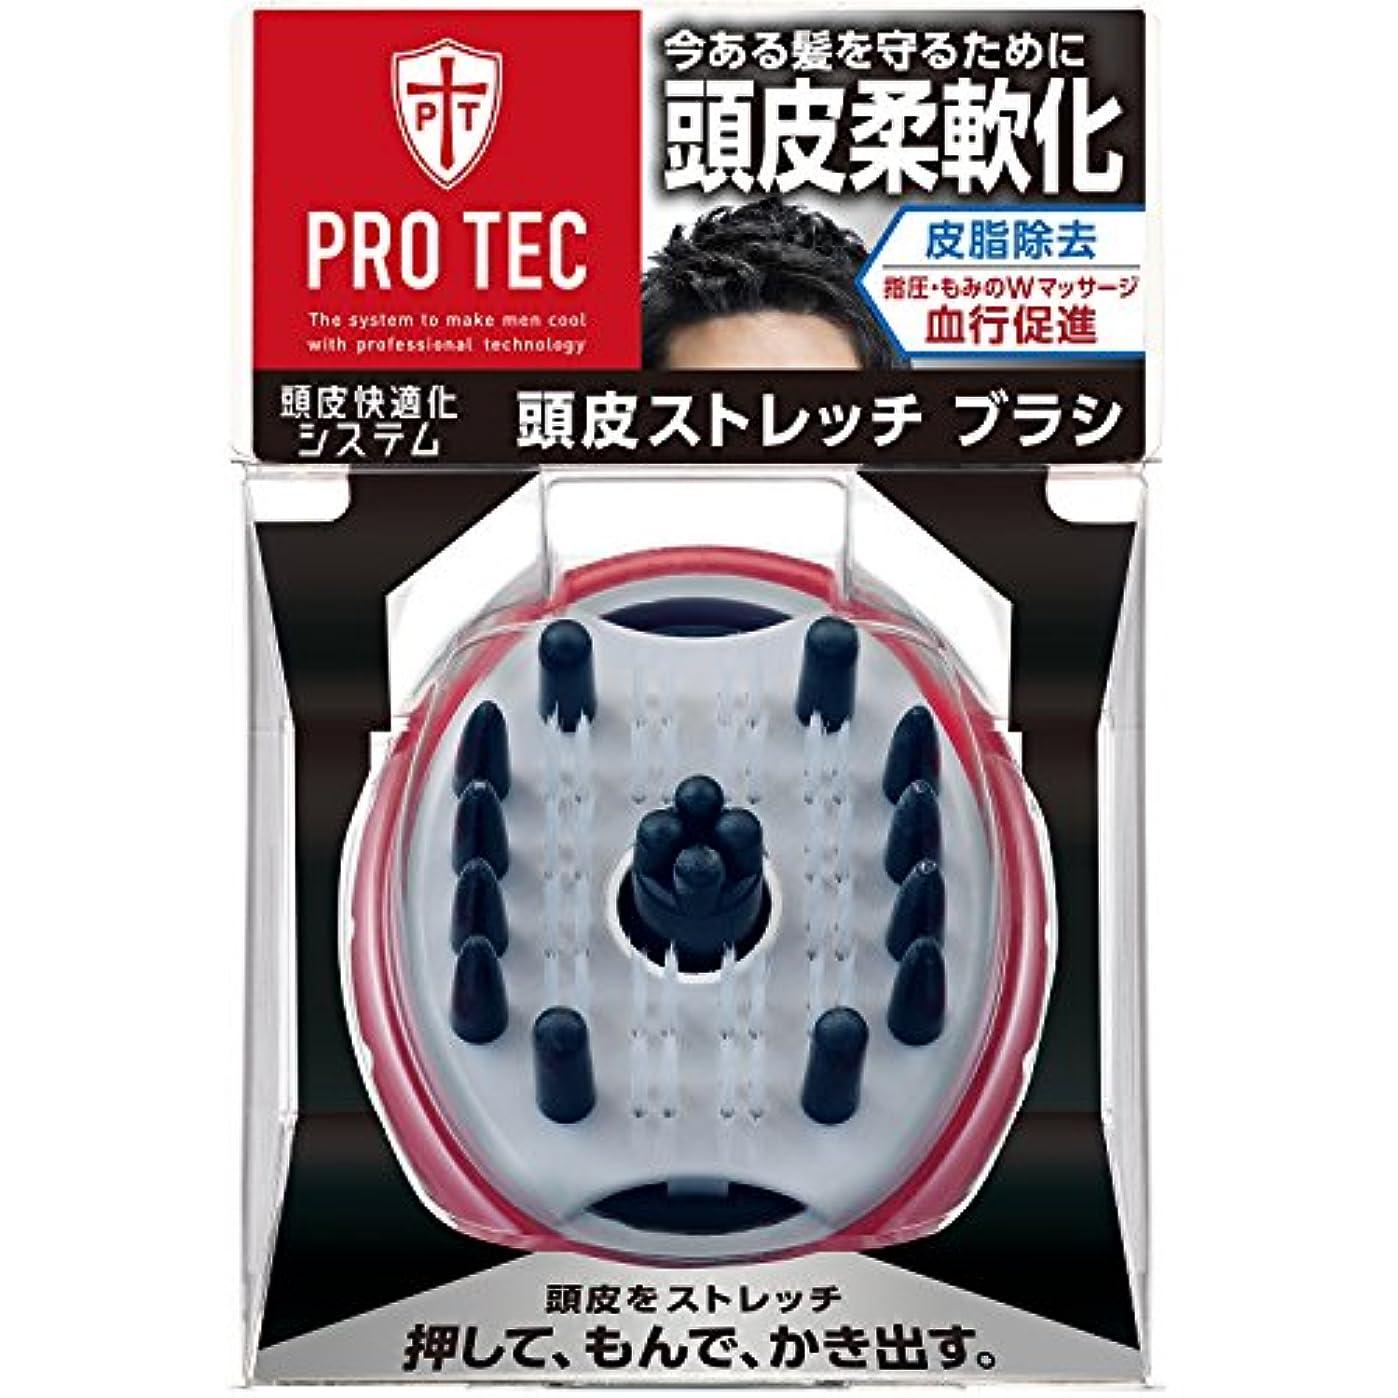 酸っぱいに対してぬれたPRO TEC(プロテク) ウォッシングブラシ 頭皮ストレッチタイプ